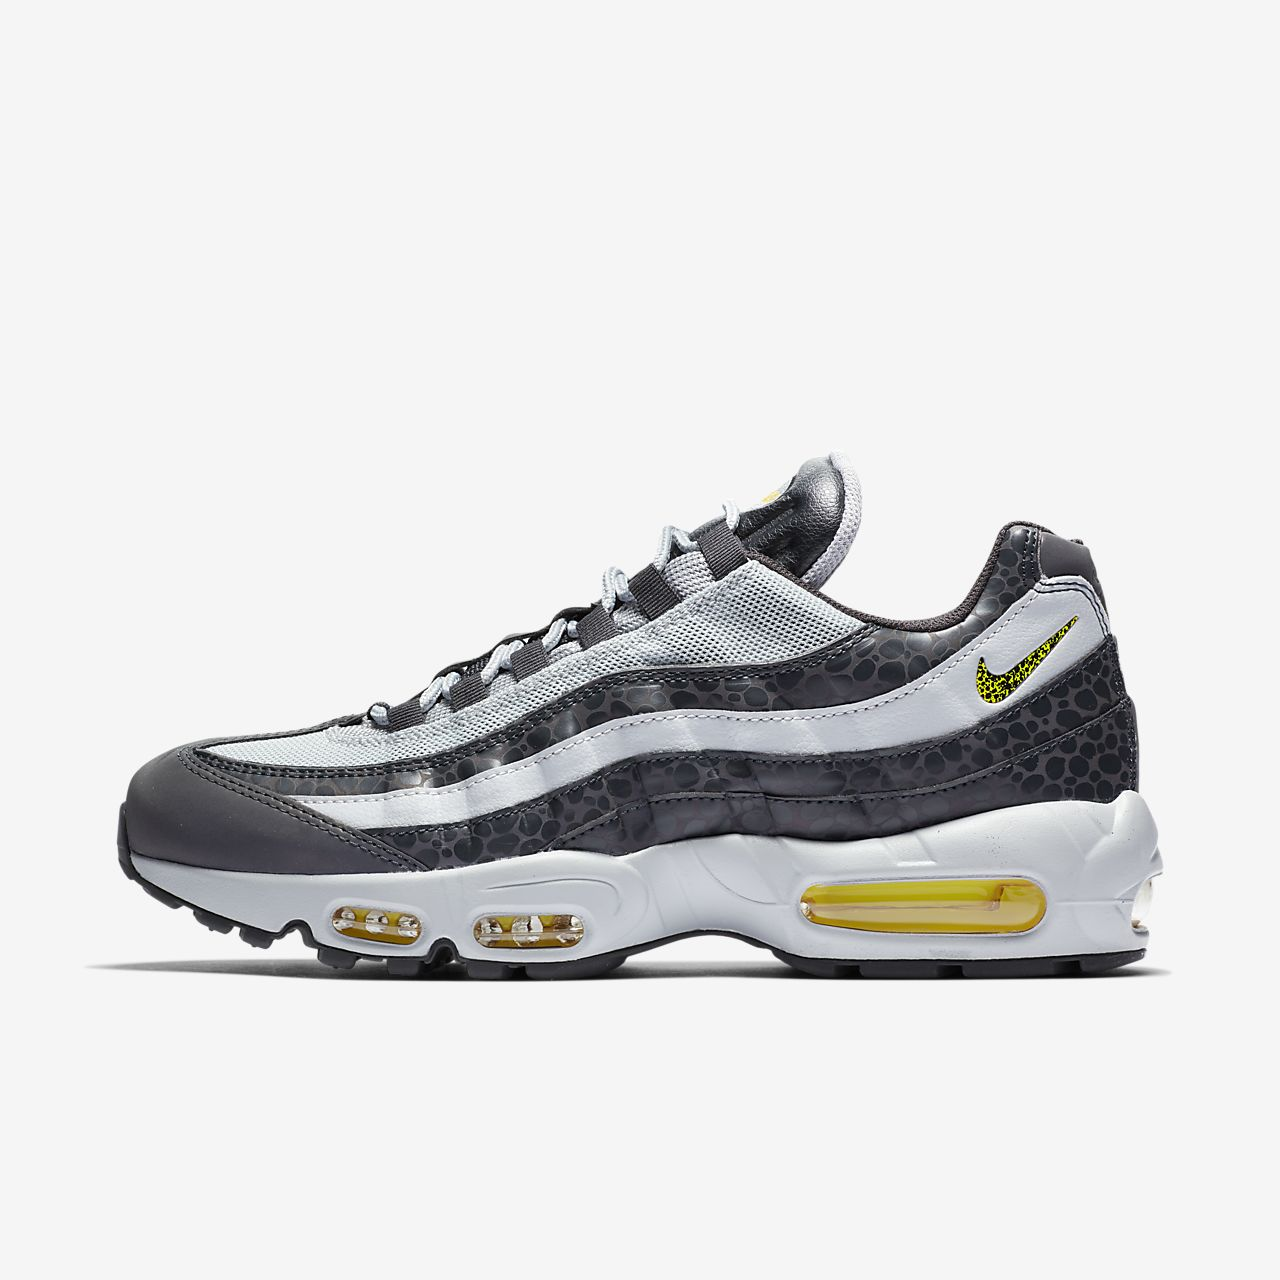 free shipping d31da a43a9 Men s Shoe. Nike Air Max 95 SE